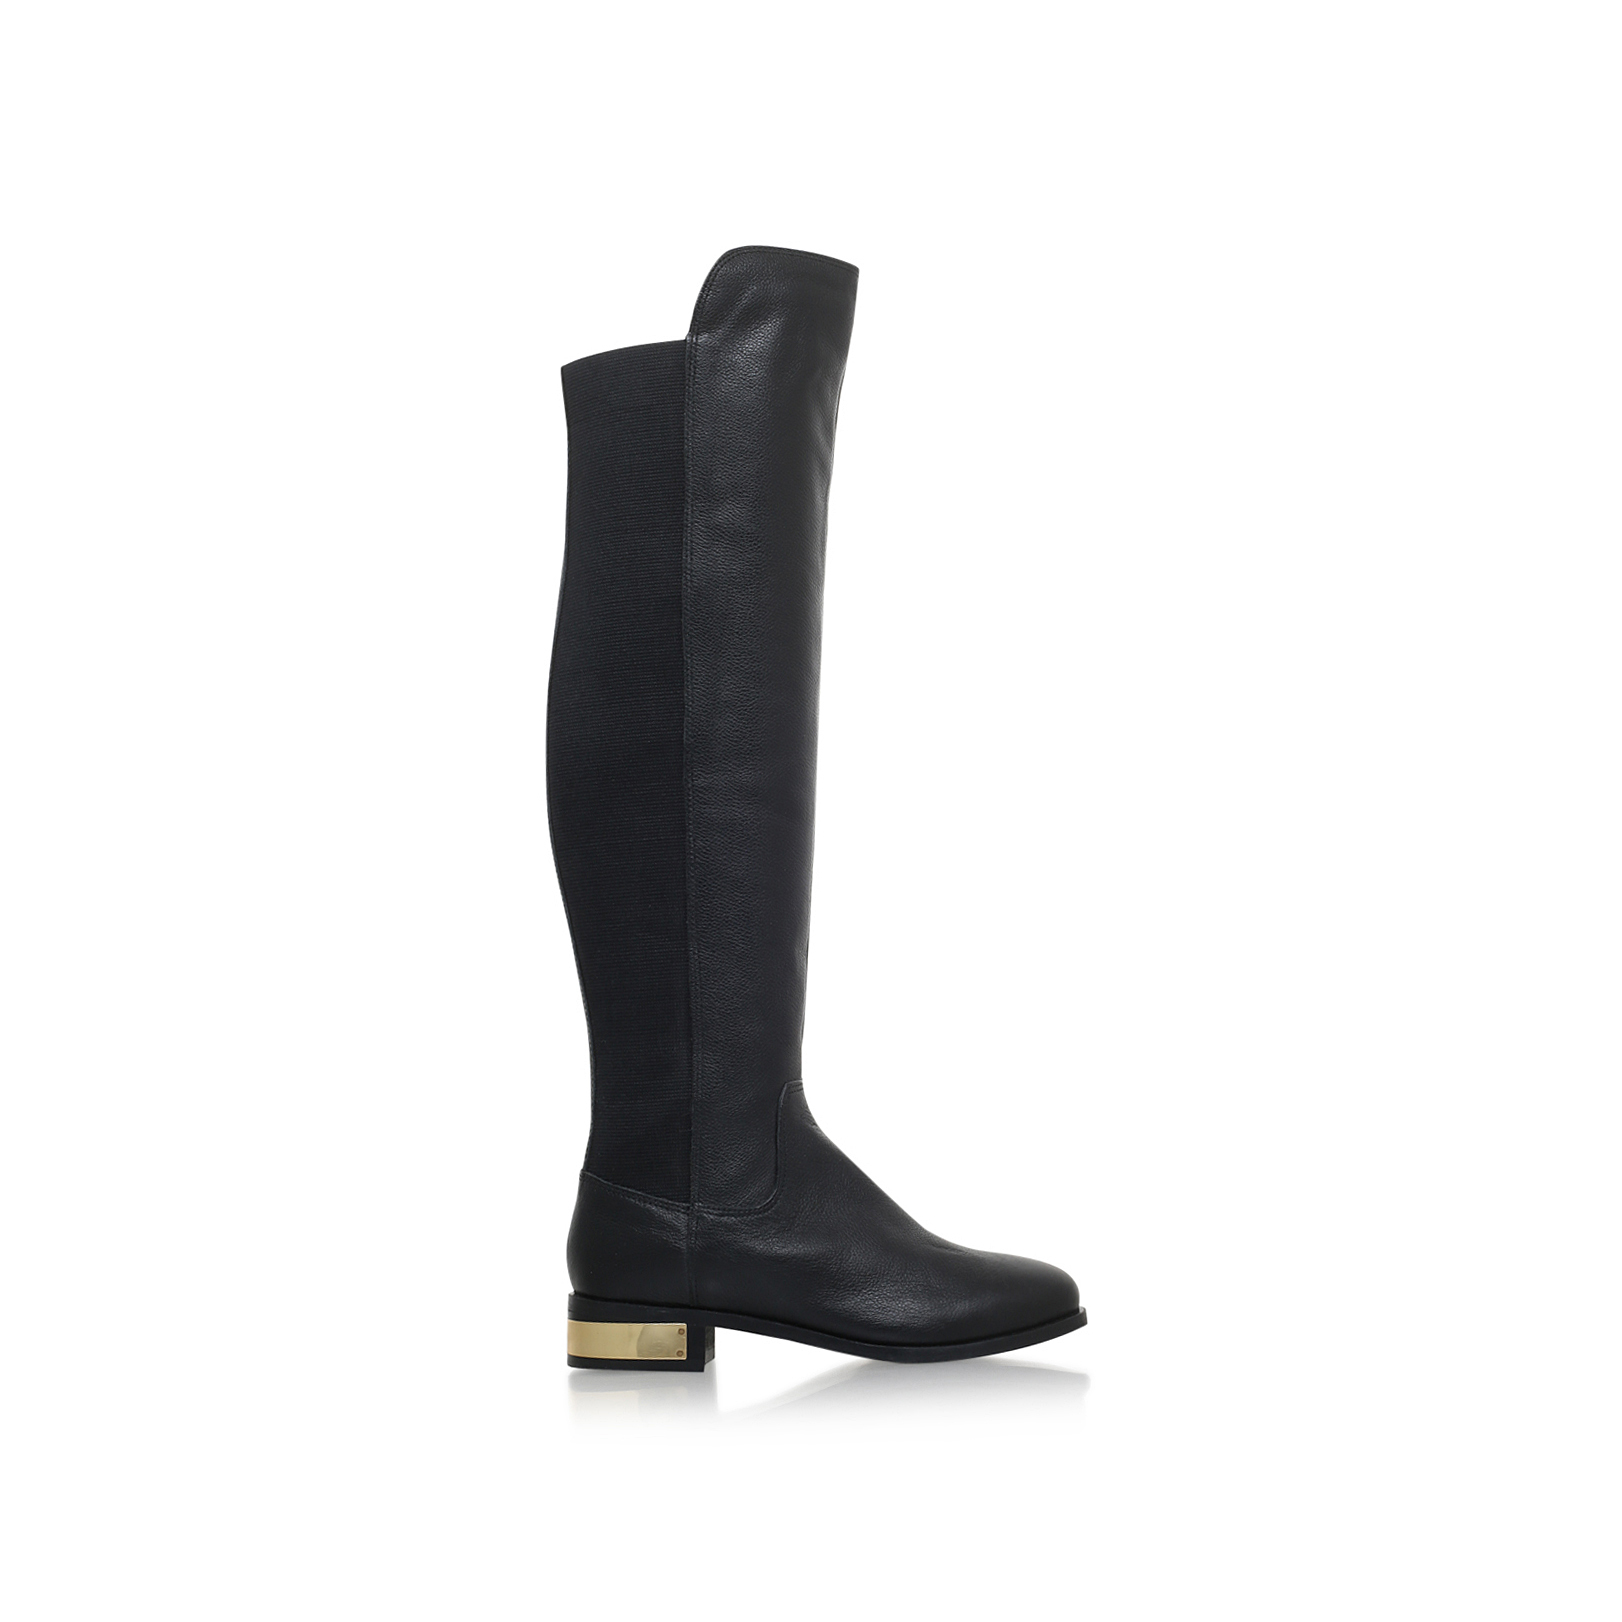 PACIFIC - CARVELA Sandals